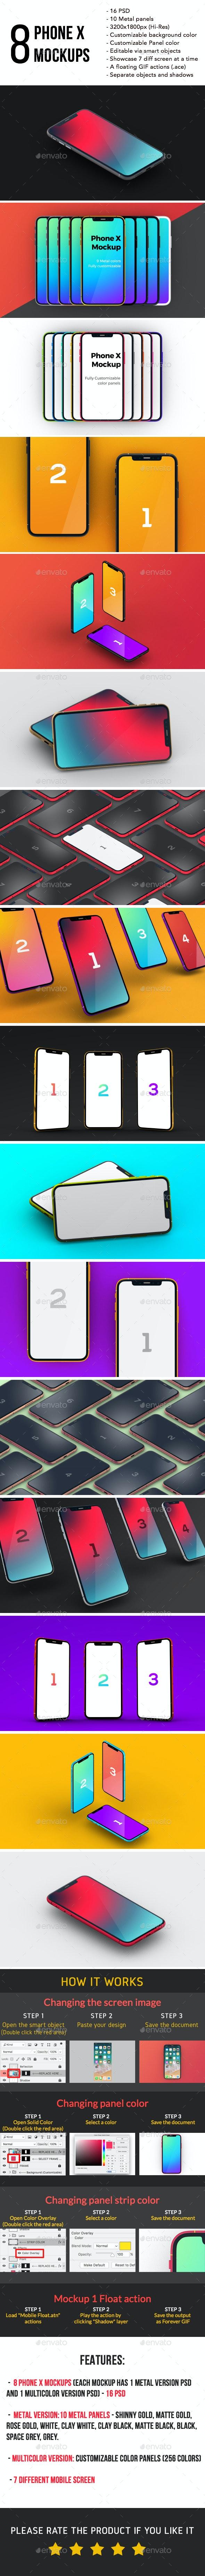 8 Phone X Mockups (16 Hi-Res PSD) - Mobile Displays